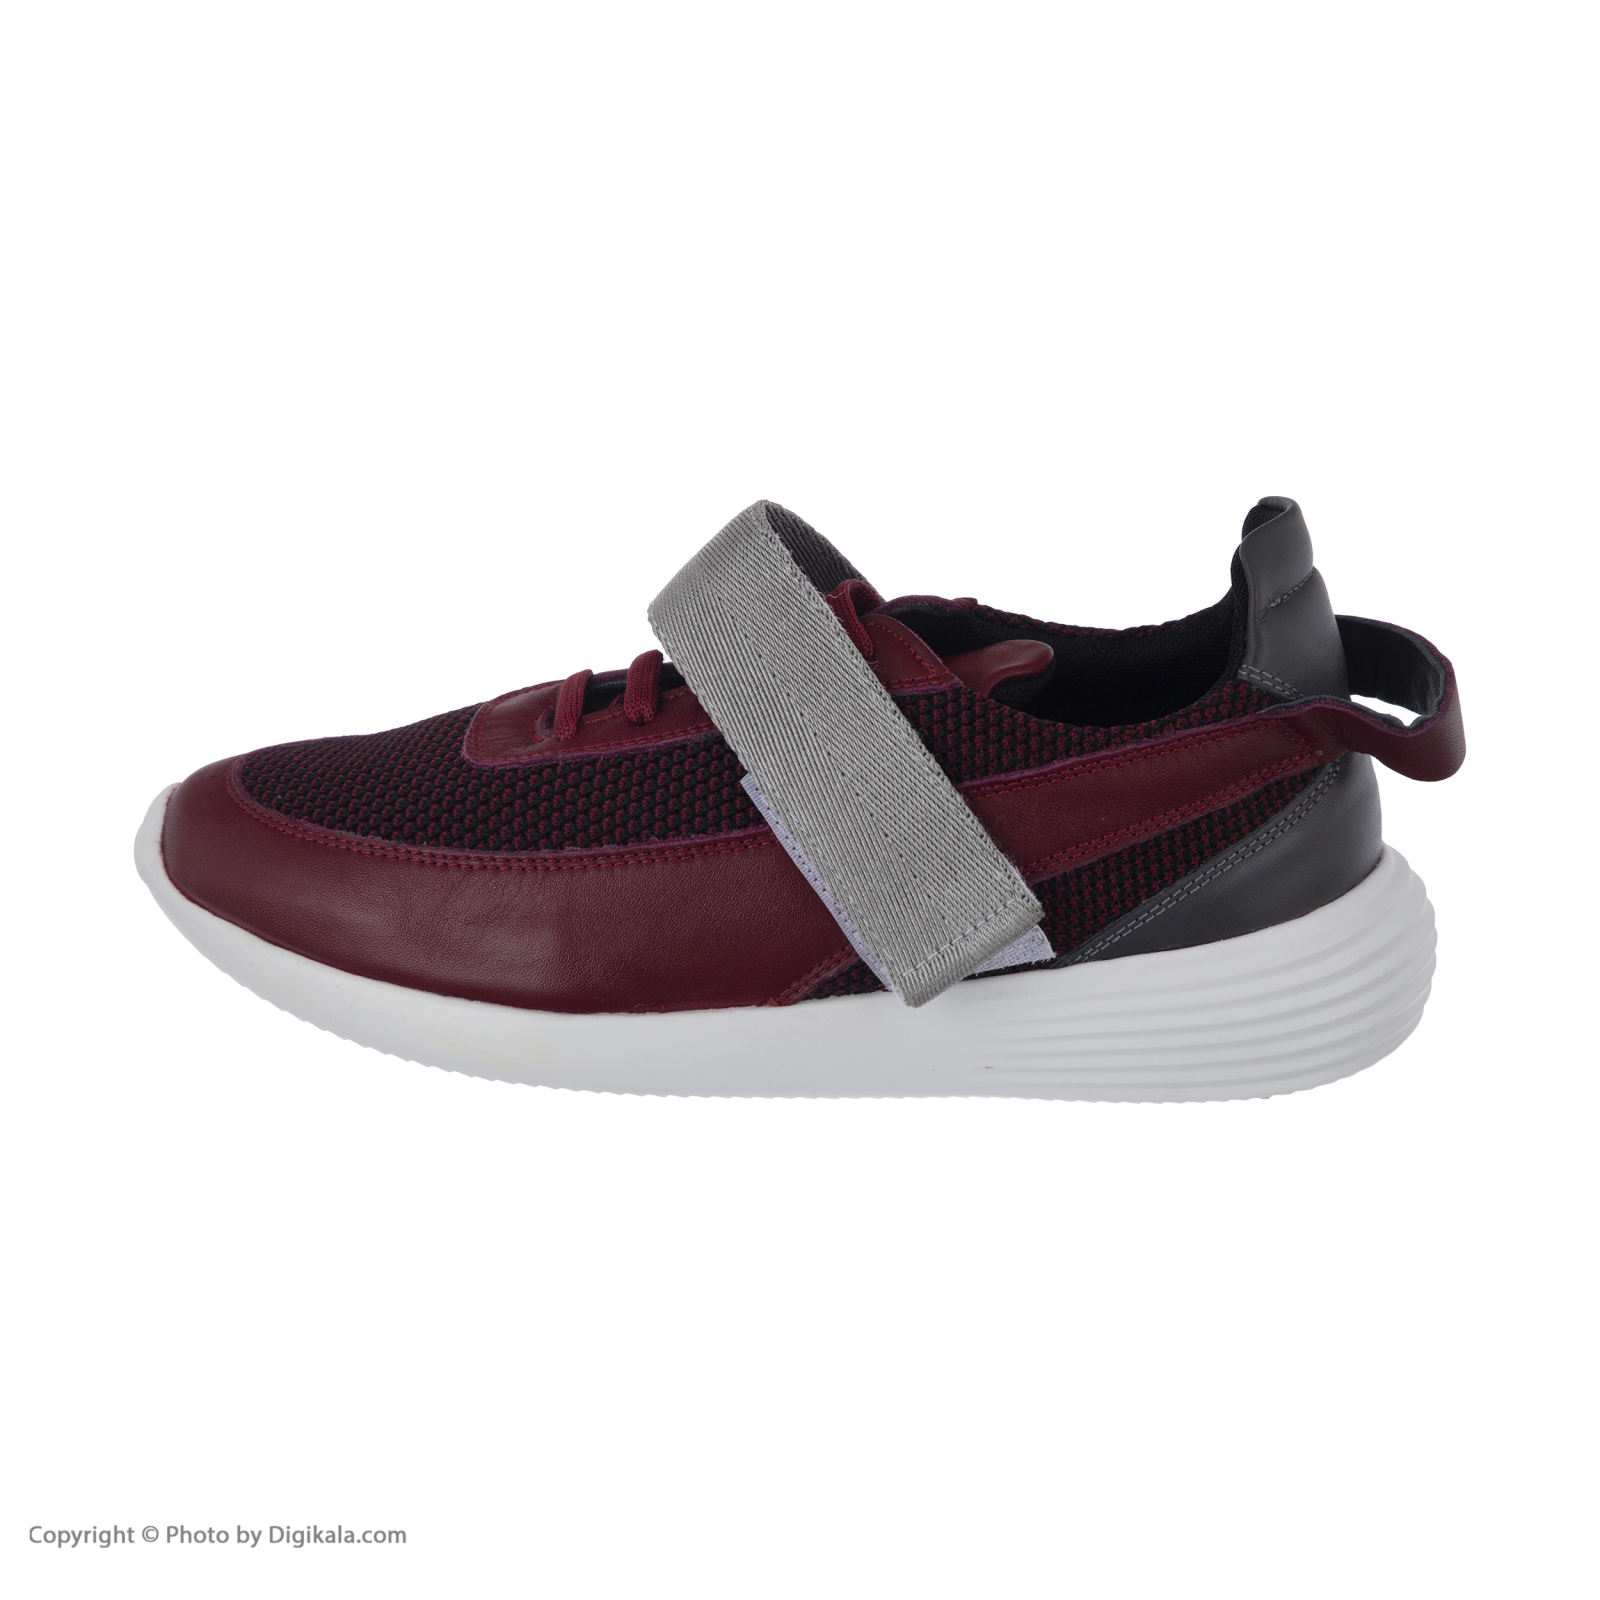 کفش روزمره زنانه آرتمن مدل Fando-41453 -  - 3